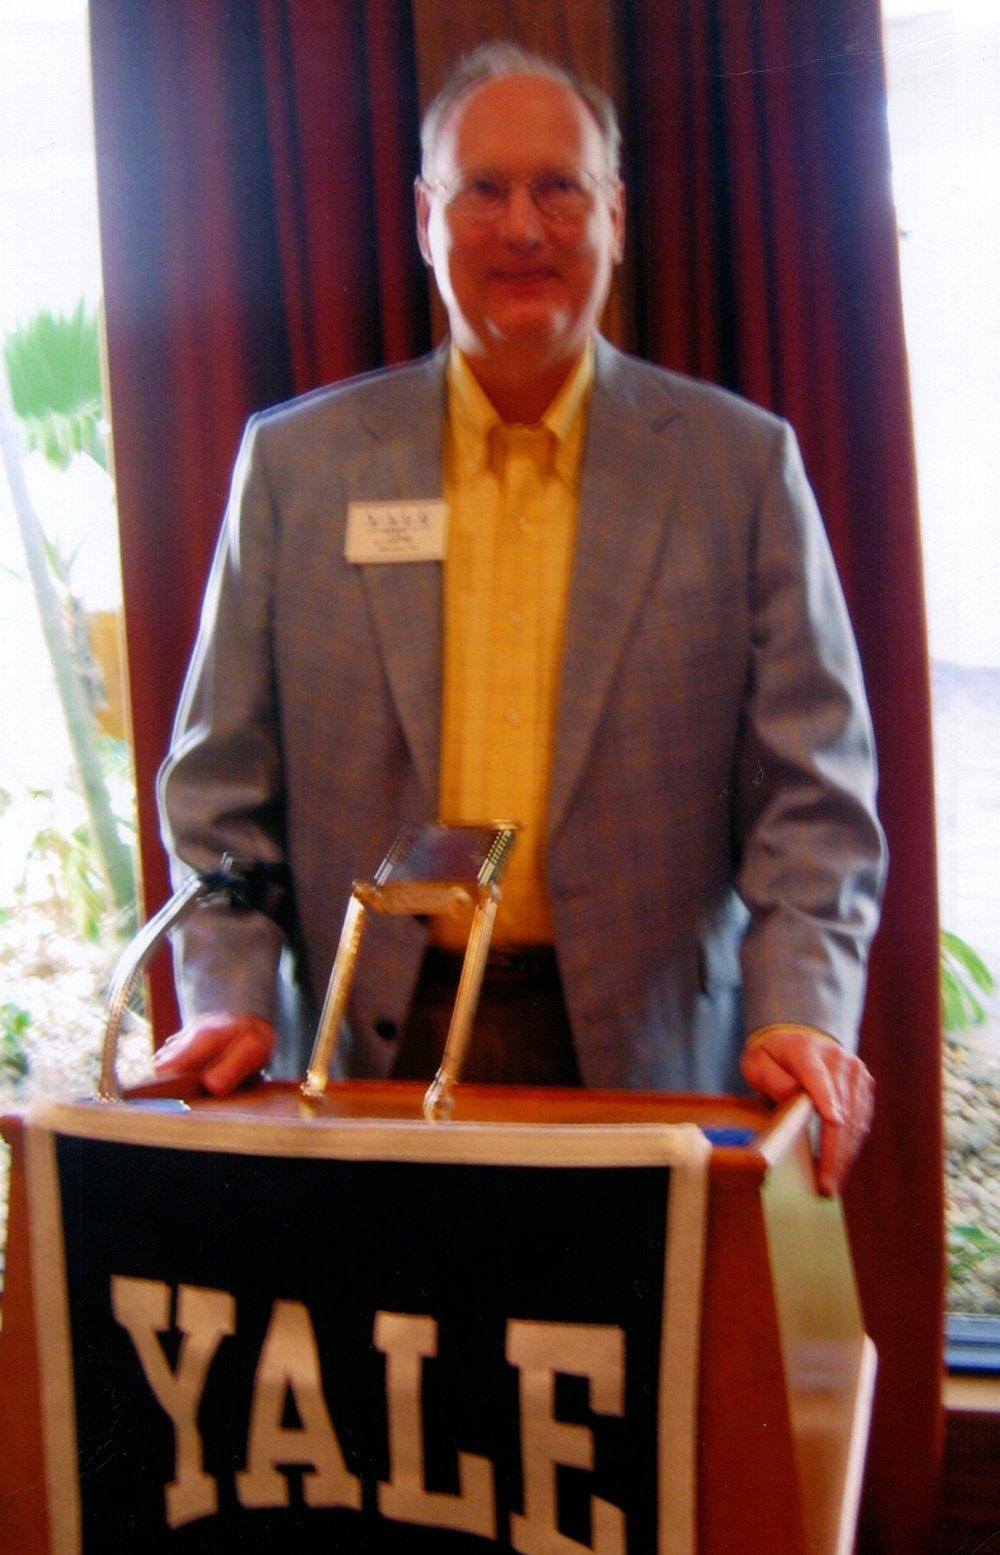 1_10_2008 - SPEAKER LUNCHEON - ALAN HORTON 4.jpg